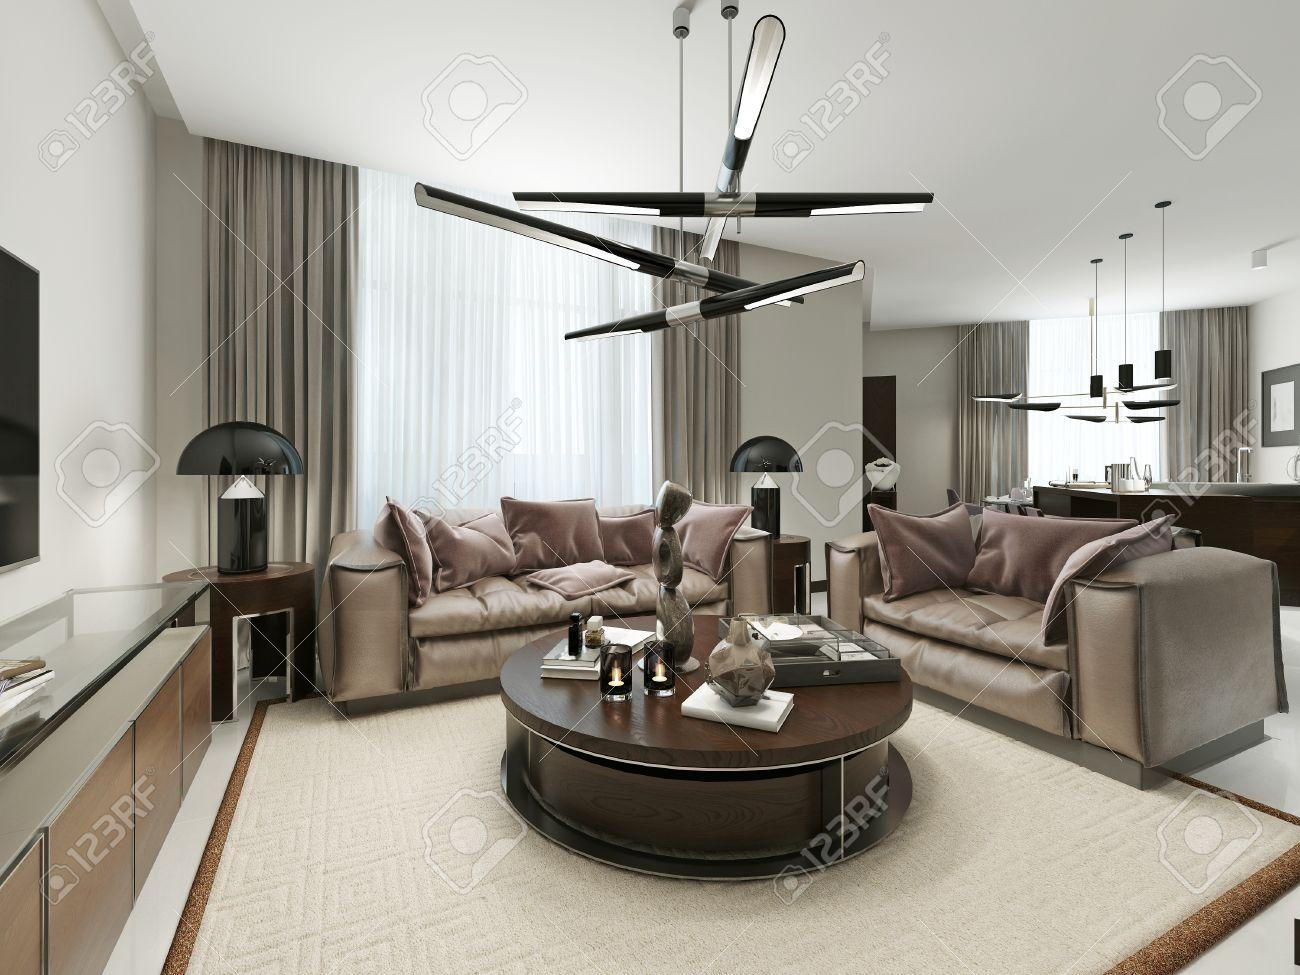 Zimmer-Studio In Einem Modernen Design. Mit Wohnzimmer, Küche Und ...